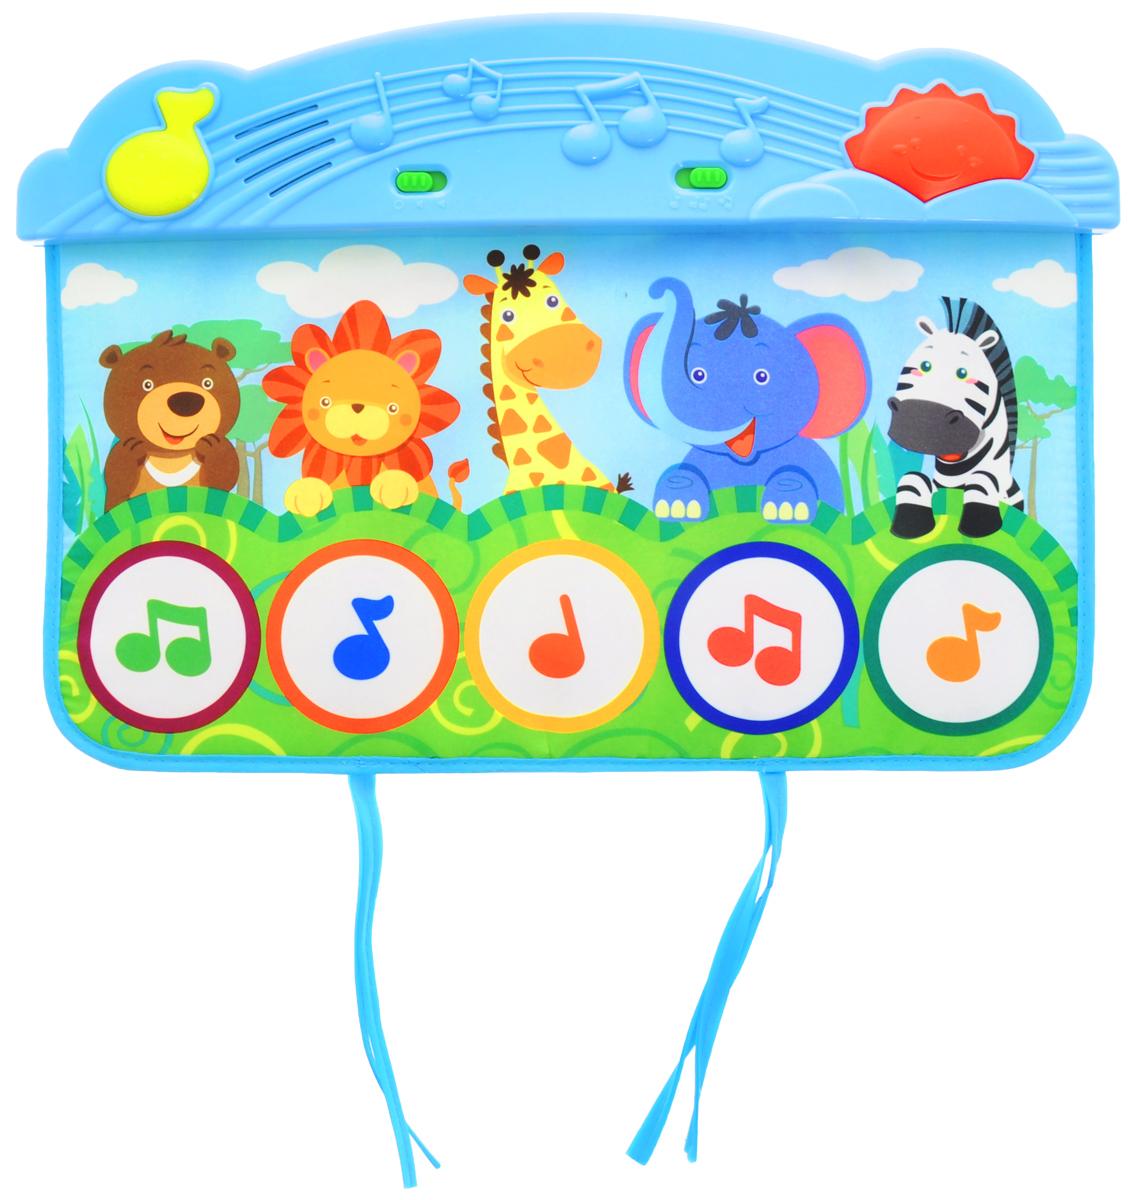 Жирафики Развивающий музыкальный коврик Веселый зоопарк коврик для пляжа соломенный купить